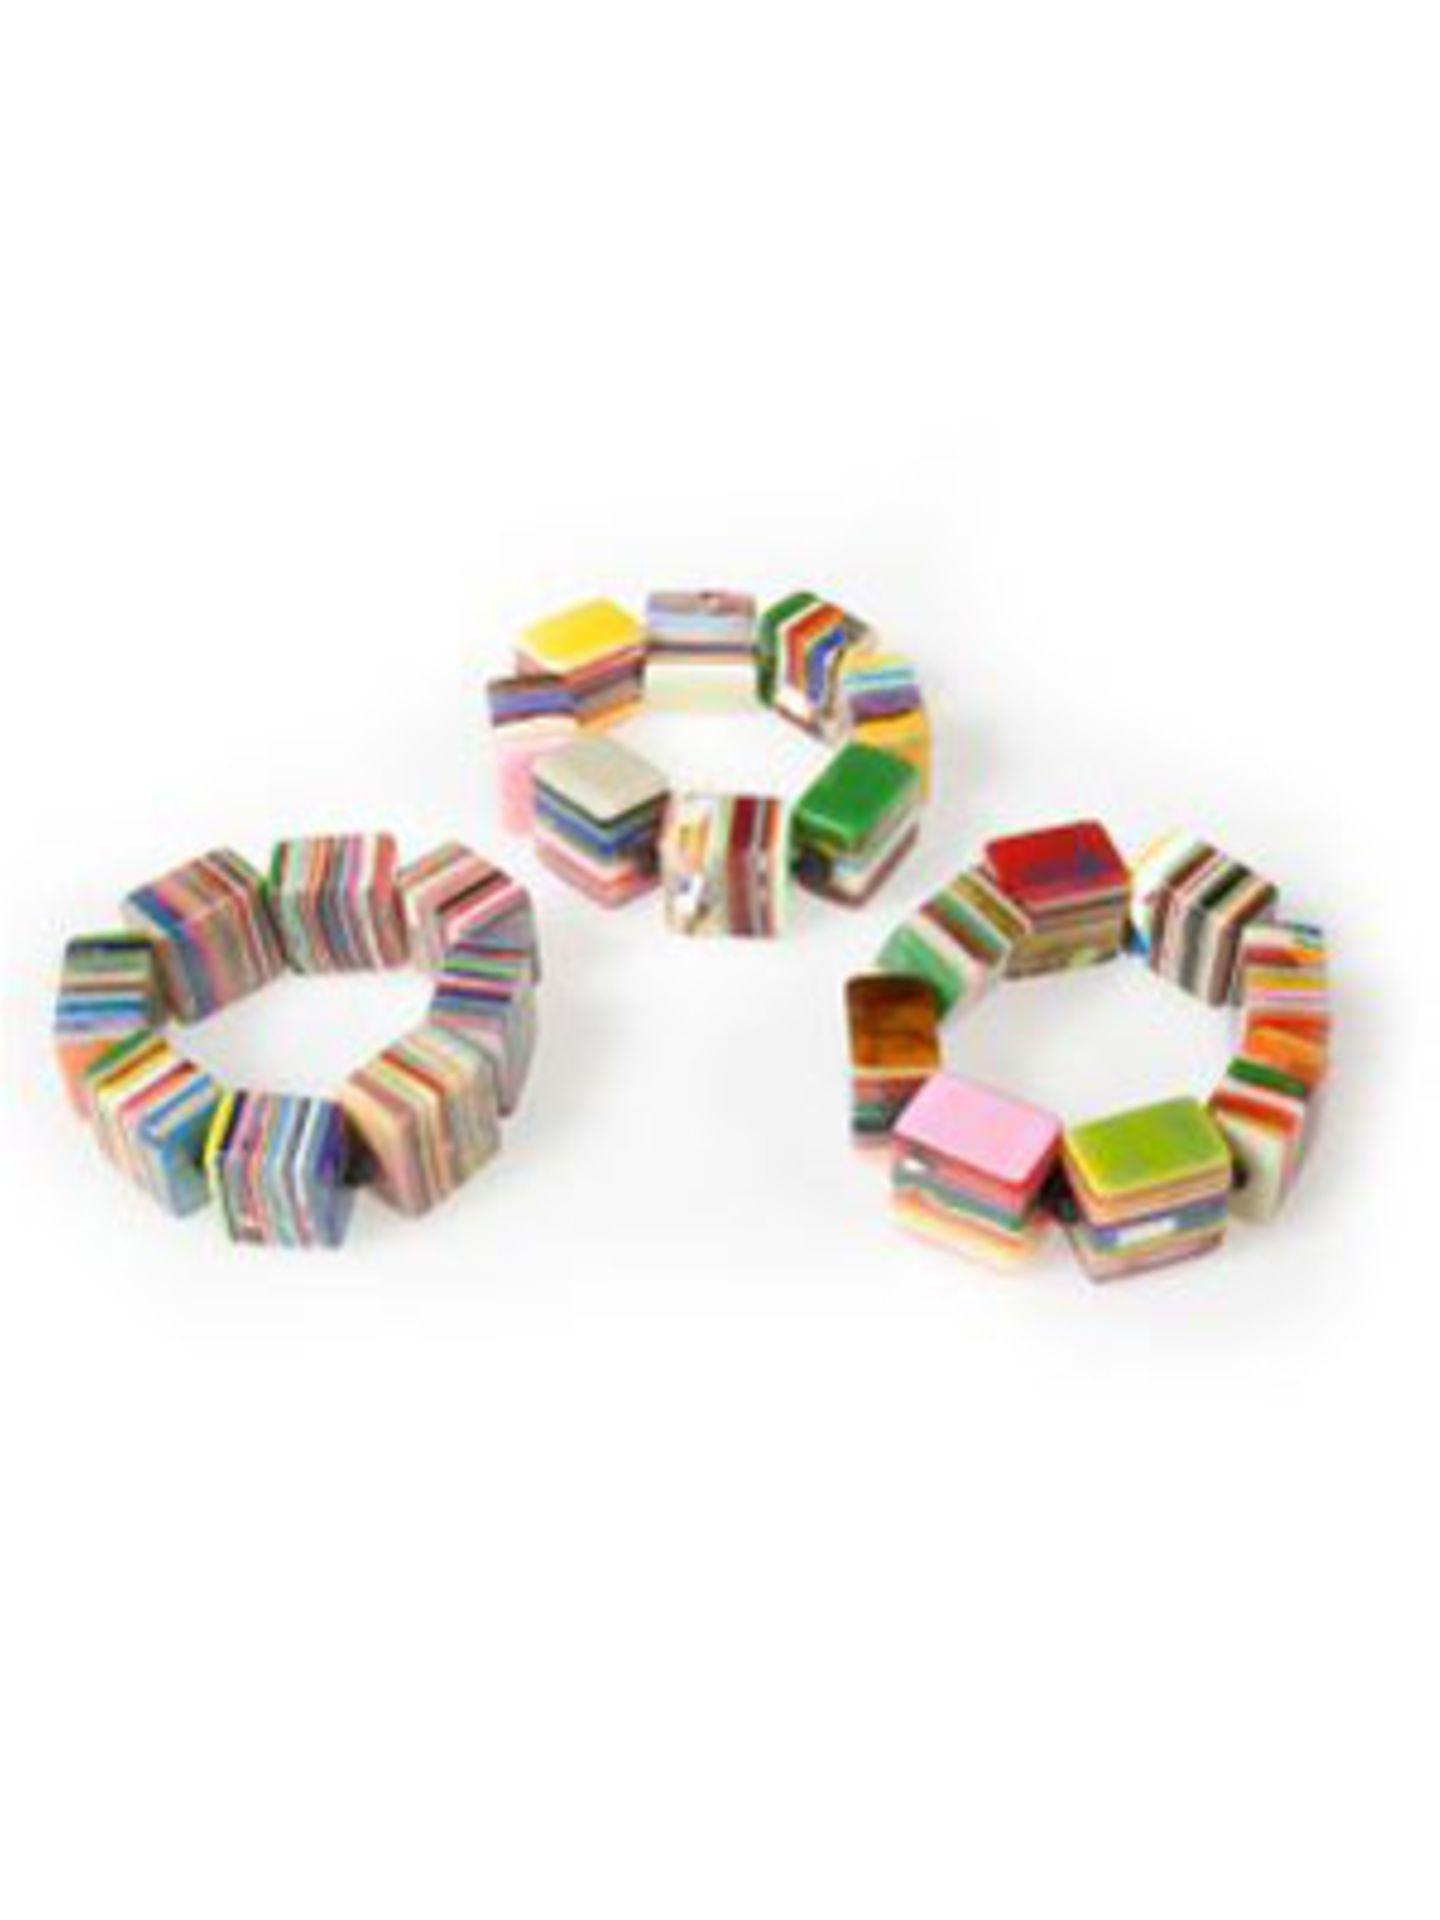 Bunte Armbänder im Bonbon-Look von www.feinerschnickschnack.de, je um 40 Euro.